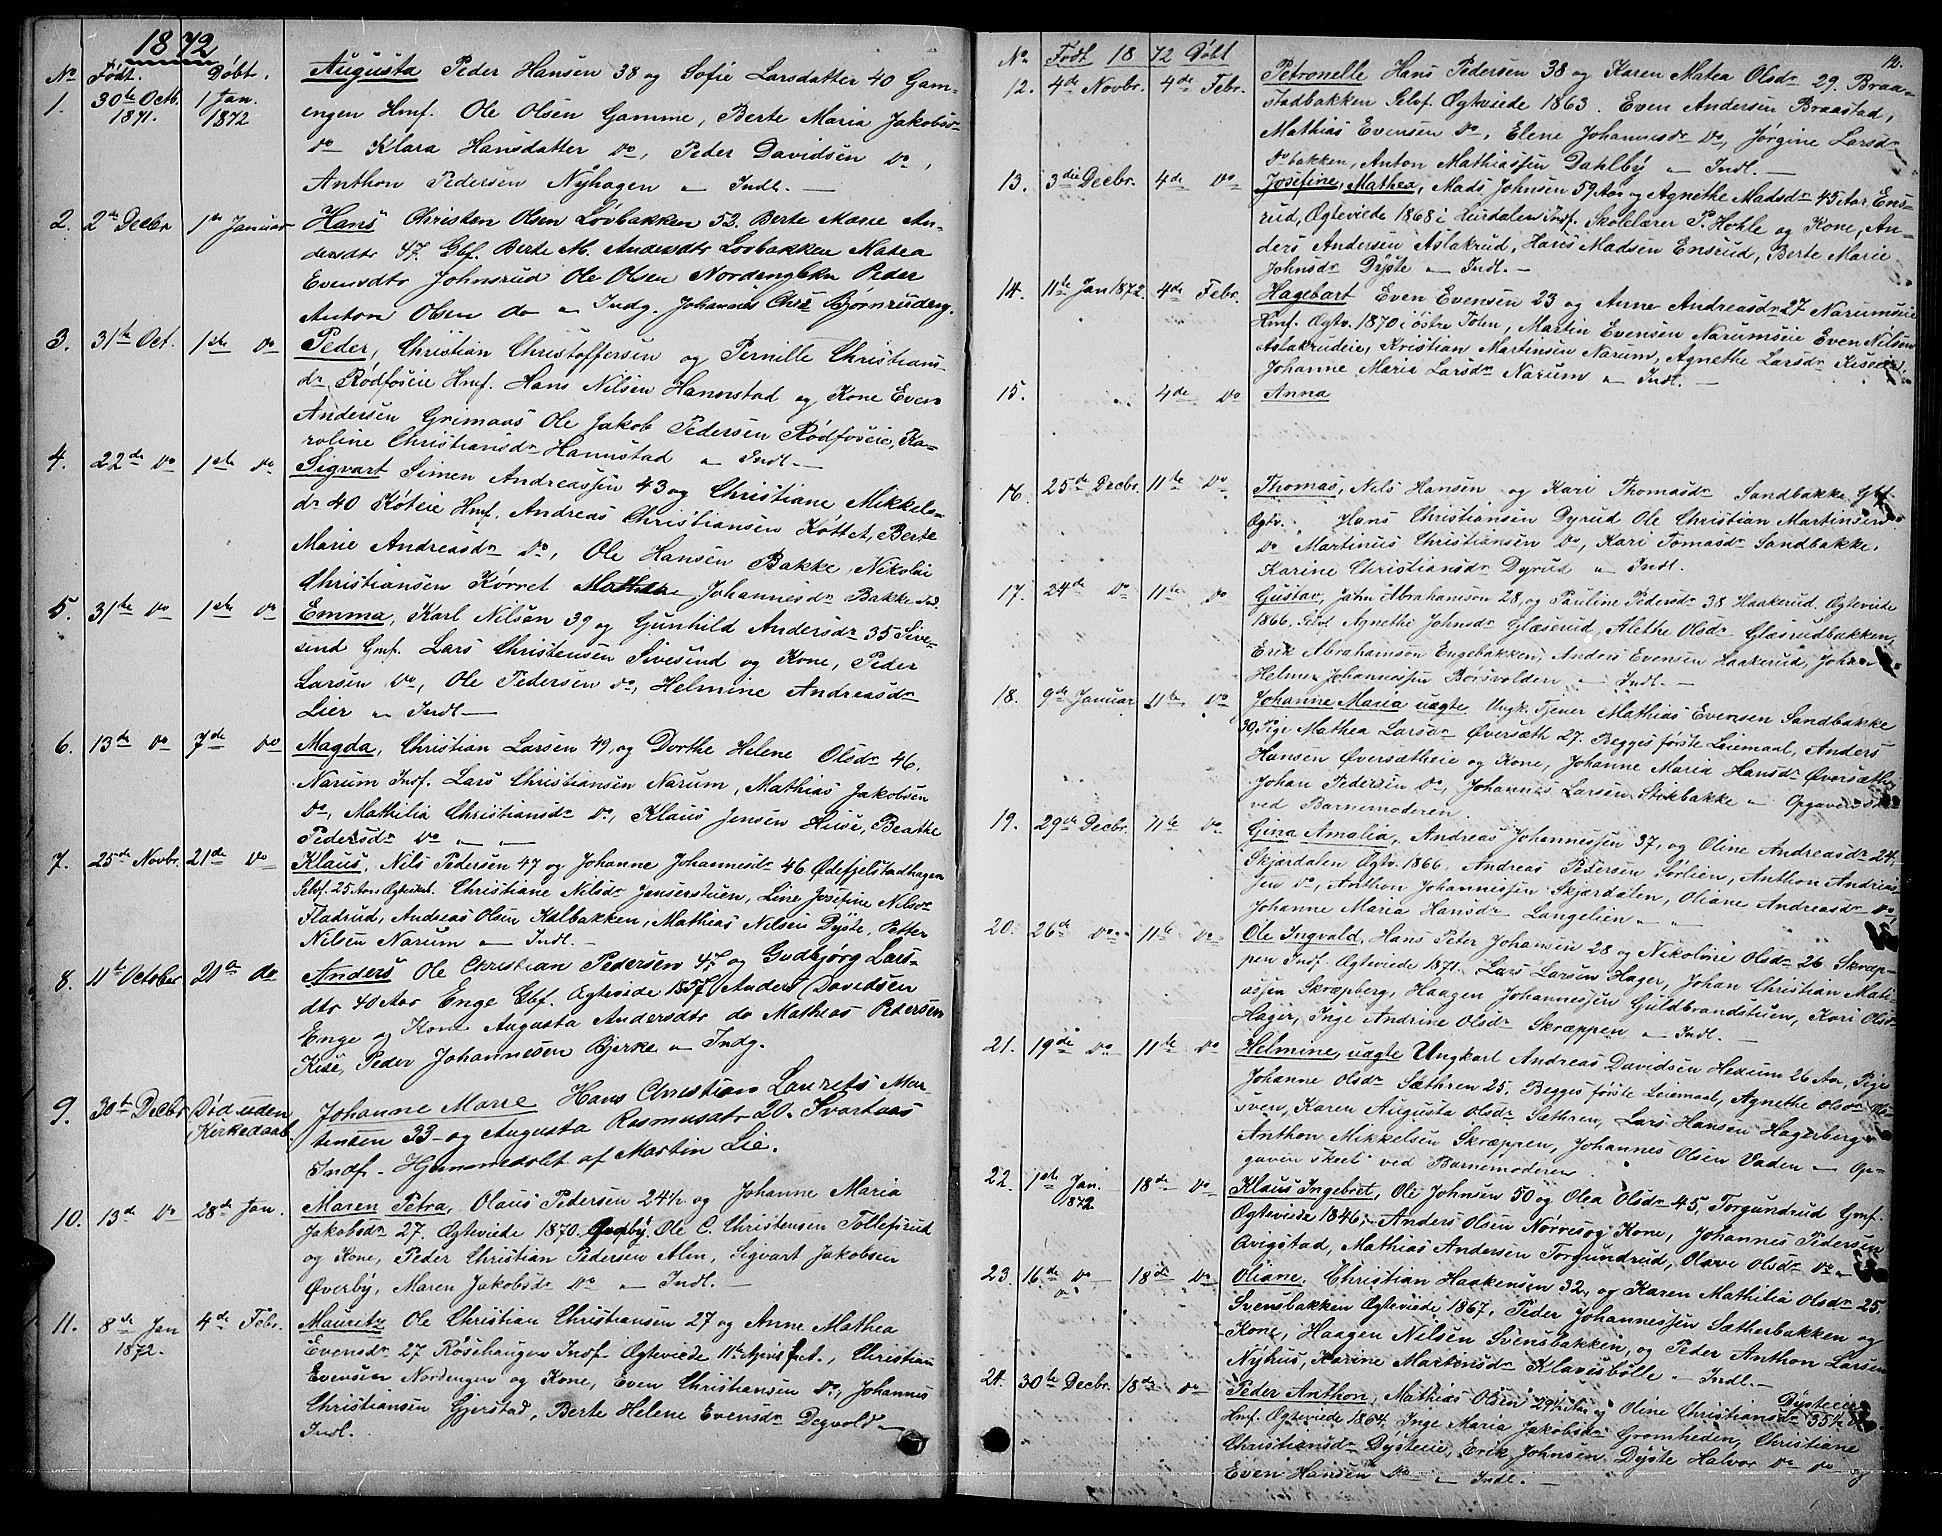 SAH, Vestre Toten prestekontor, Klokkerbok nr. 6, 1870-1887, s. 12